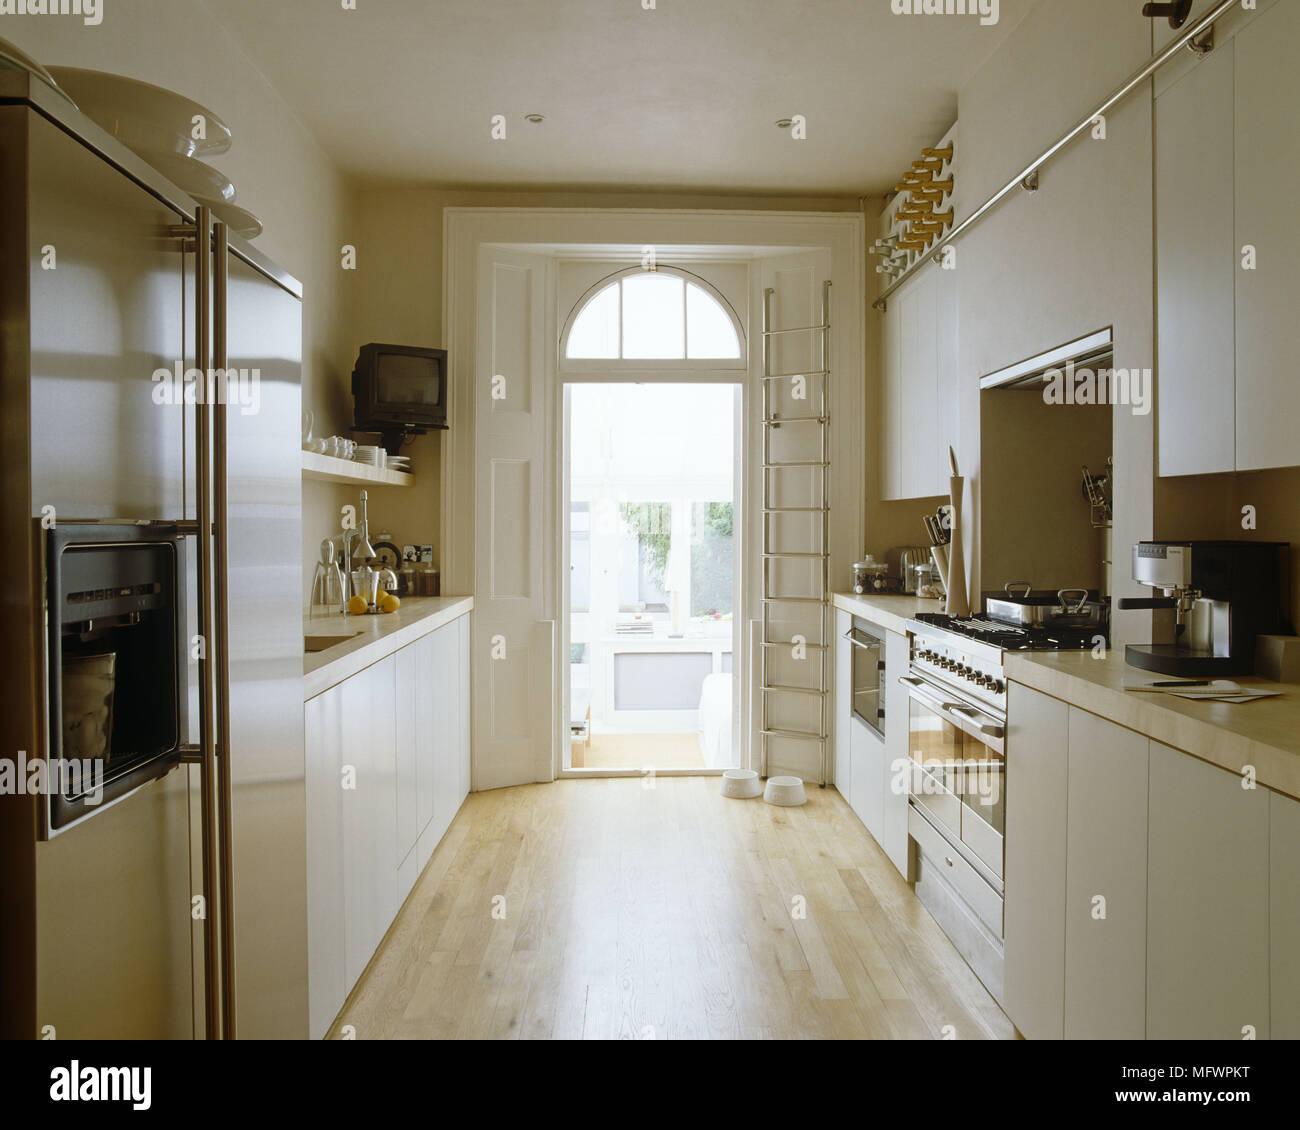 Cucina galley con unità montate su entrambi i lati del portale ad ...